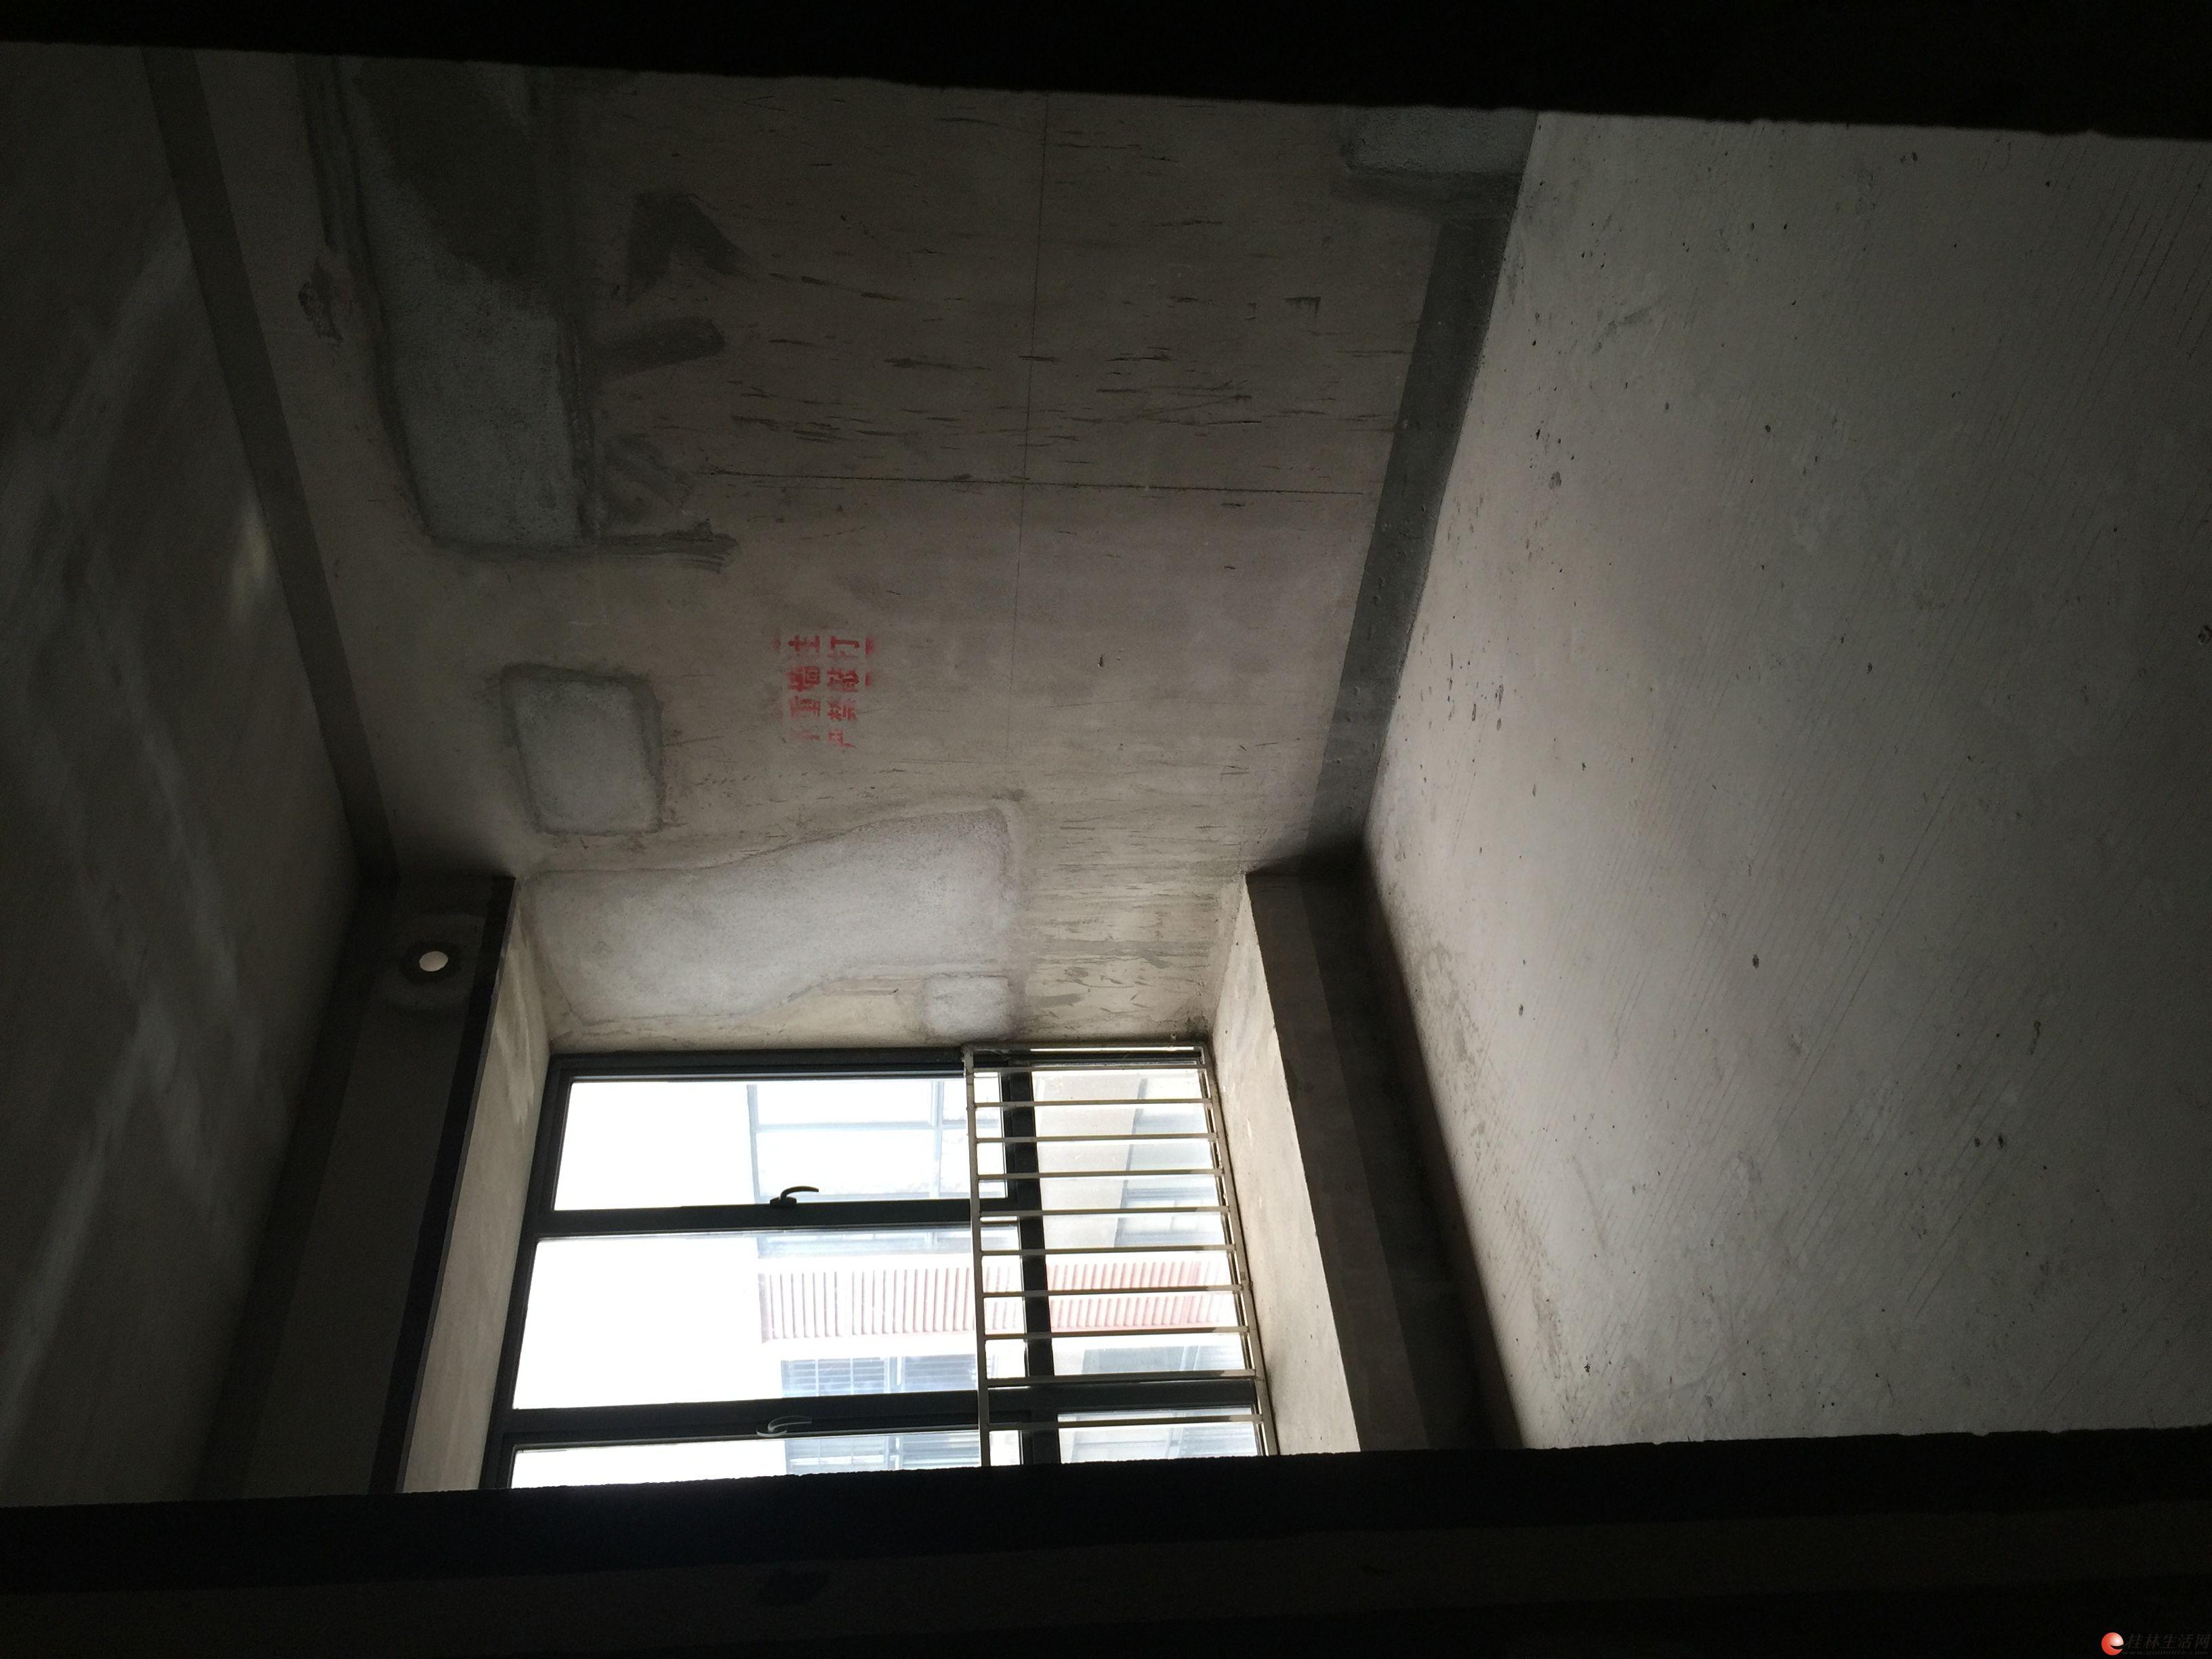 八里街南洲一号电梯顶楼复式毛坯3房户型朝南